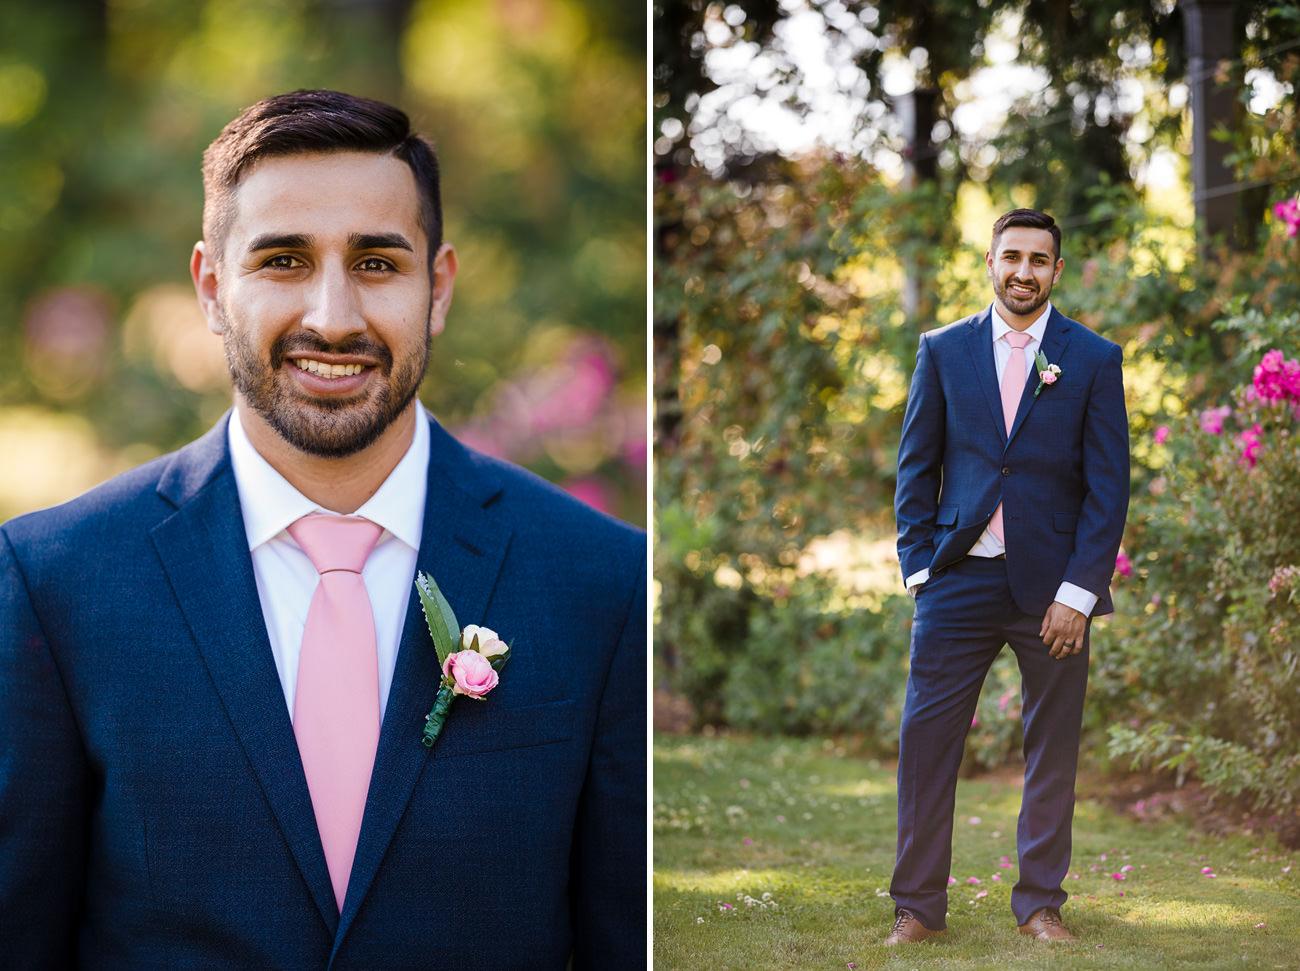 st-marys-catholic-wedding-38 St Marys Catholic Wedding   Eugene Oregon Photographer   Ariana & Chavo